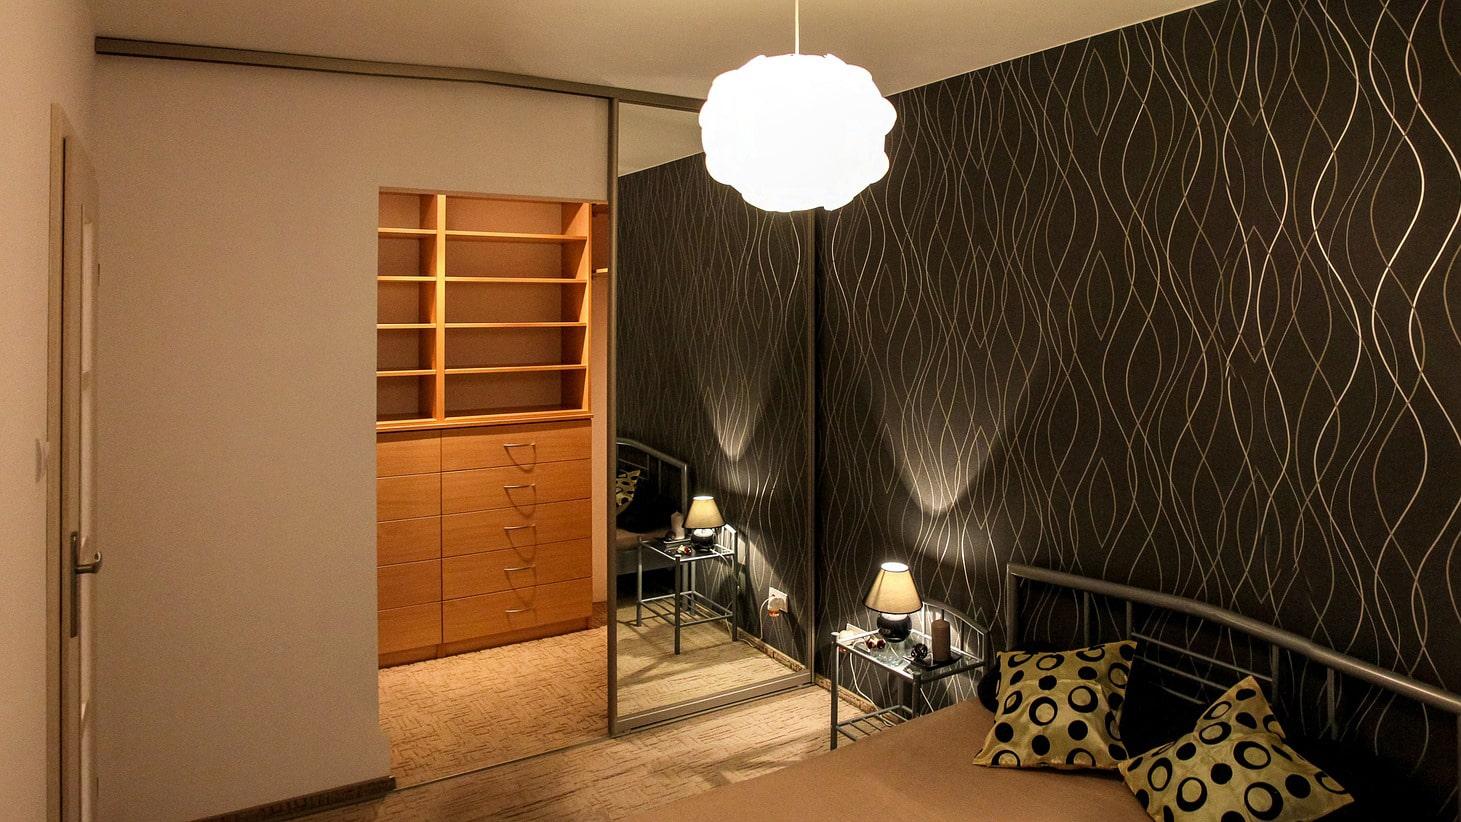 szafa z lustrem i drzwiami do garderoby w sypialni